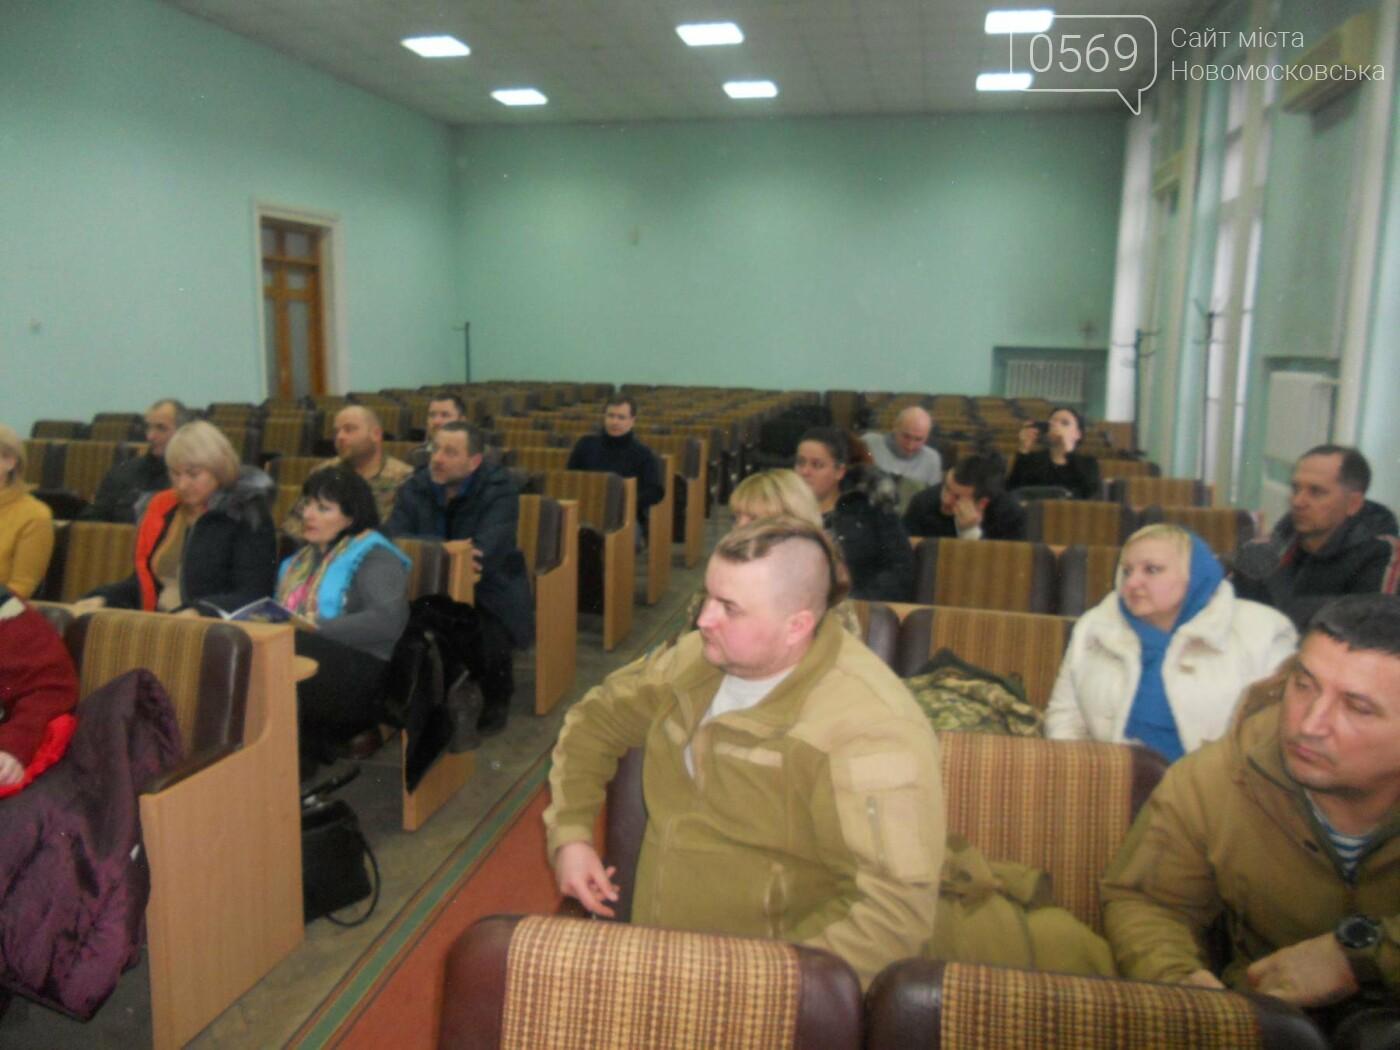 В Новомосковську вимагали нарешті встановити меморіал загиблим в АТО , фото-5